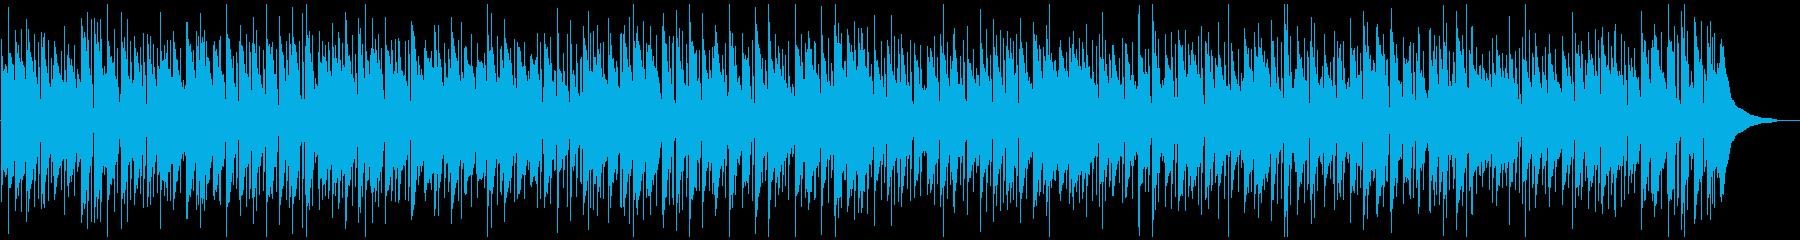 優しいカントリーバラードの再生済みの波形